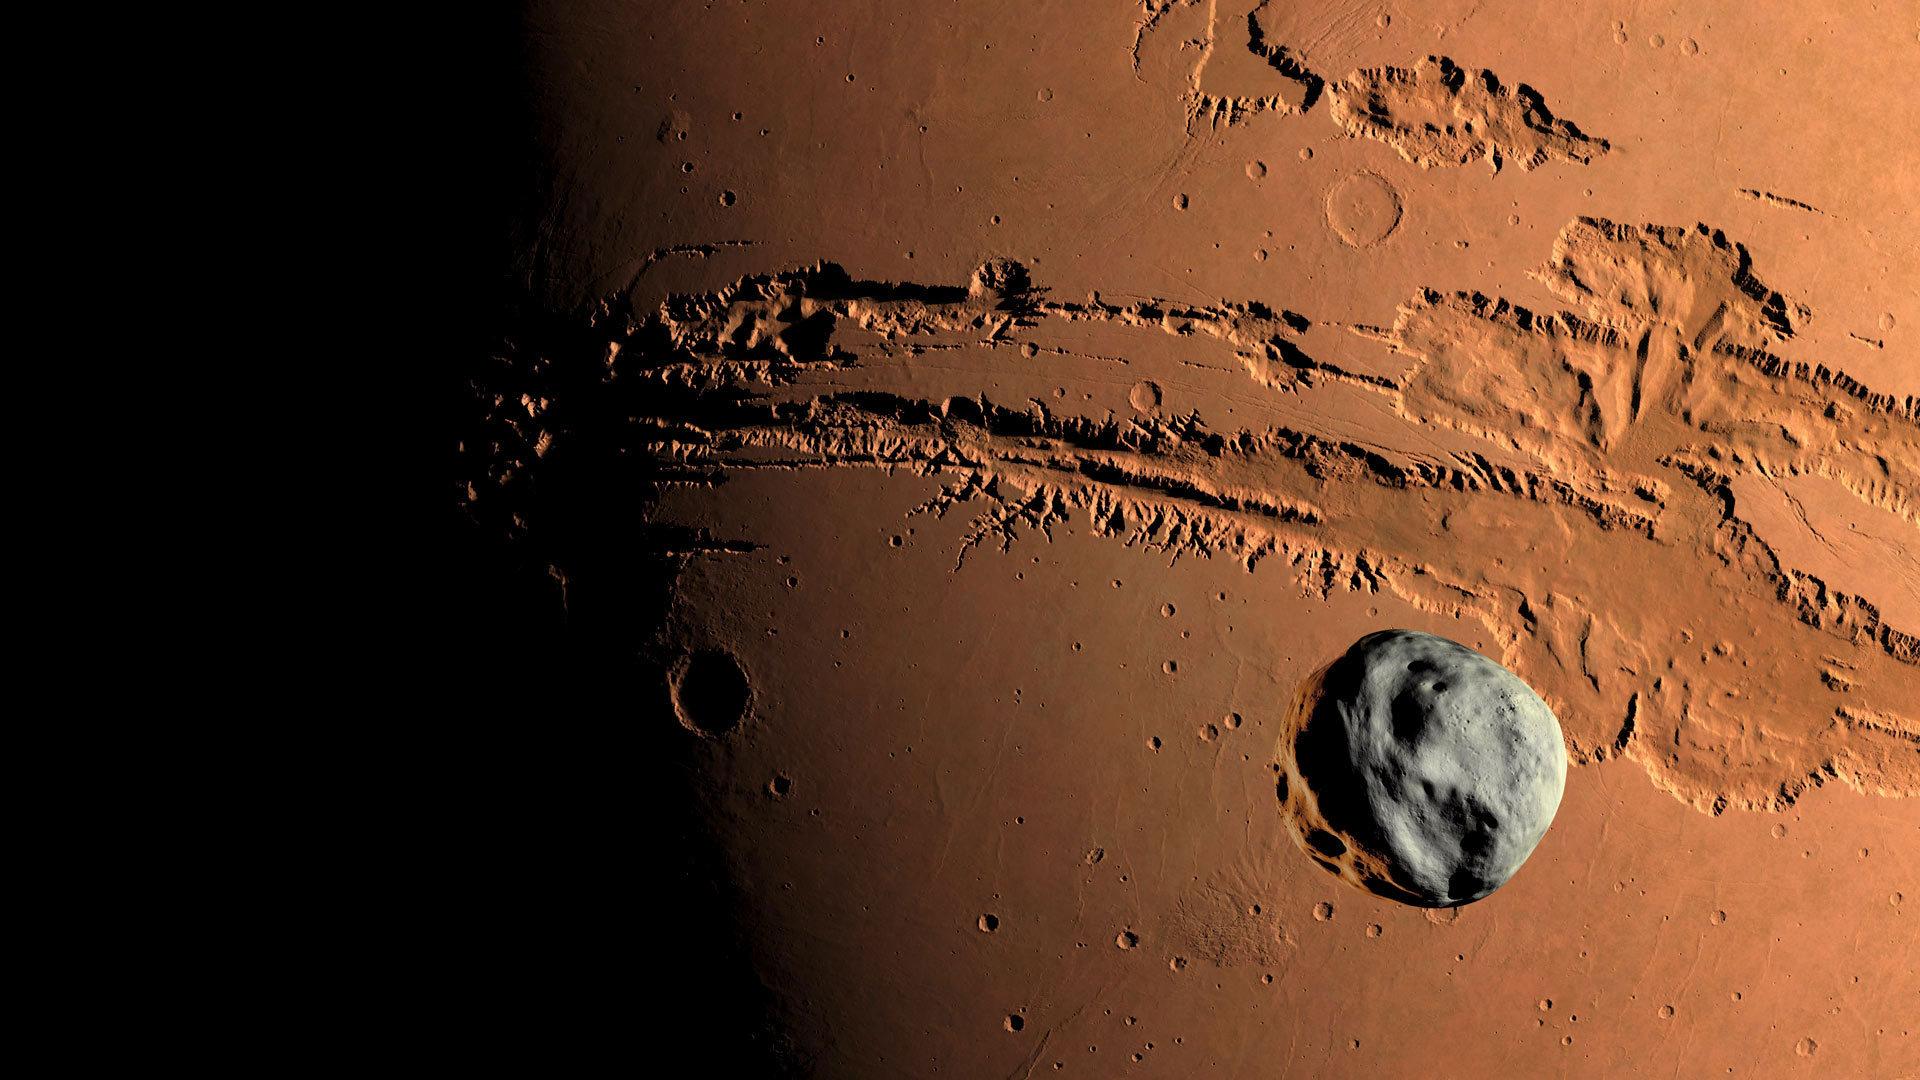 火星上的裂痕